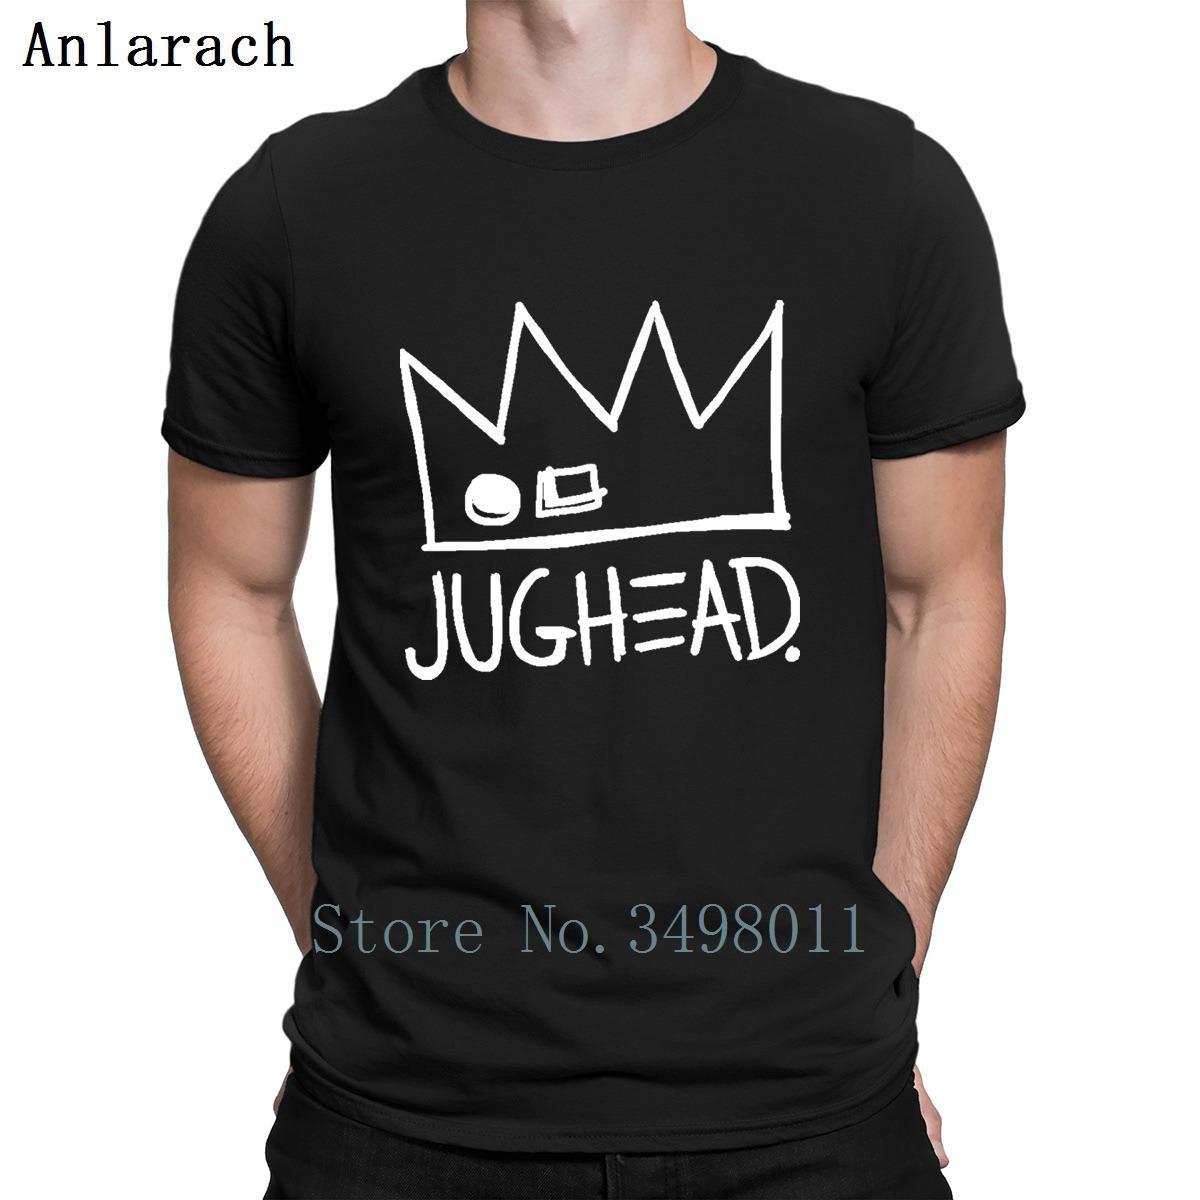 Riverdale Jughead Jones Taç Tişörtlü Özelleştirilmiş Tee Gömlek S-3XL Unisex Grafik Moda İlkbahar Doğal Tişört Erkek